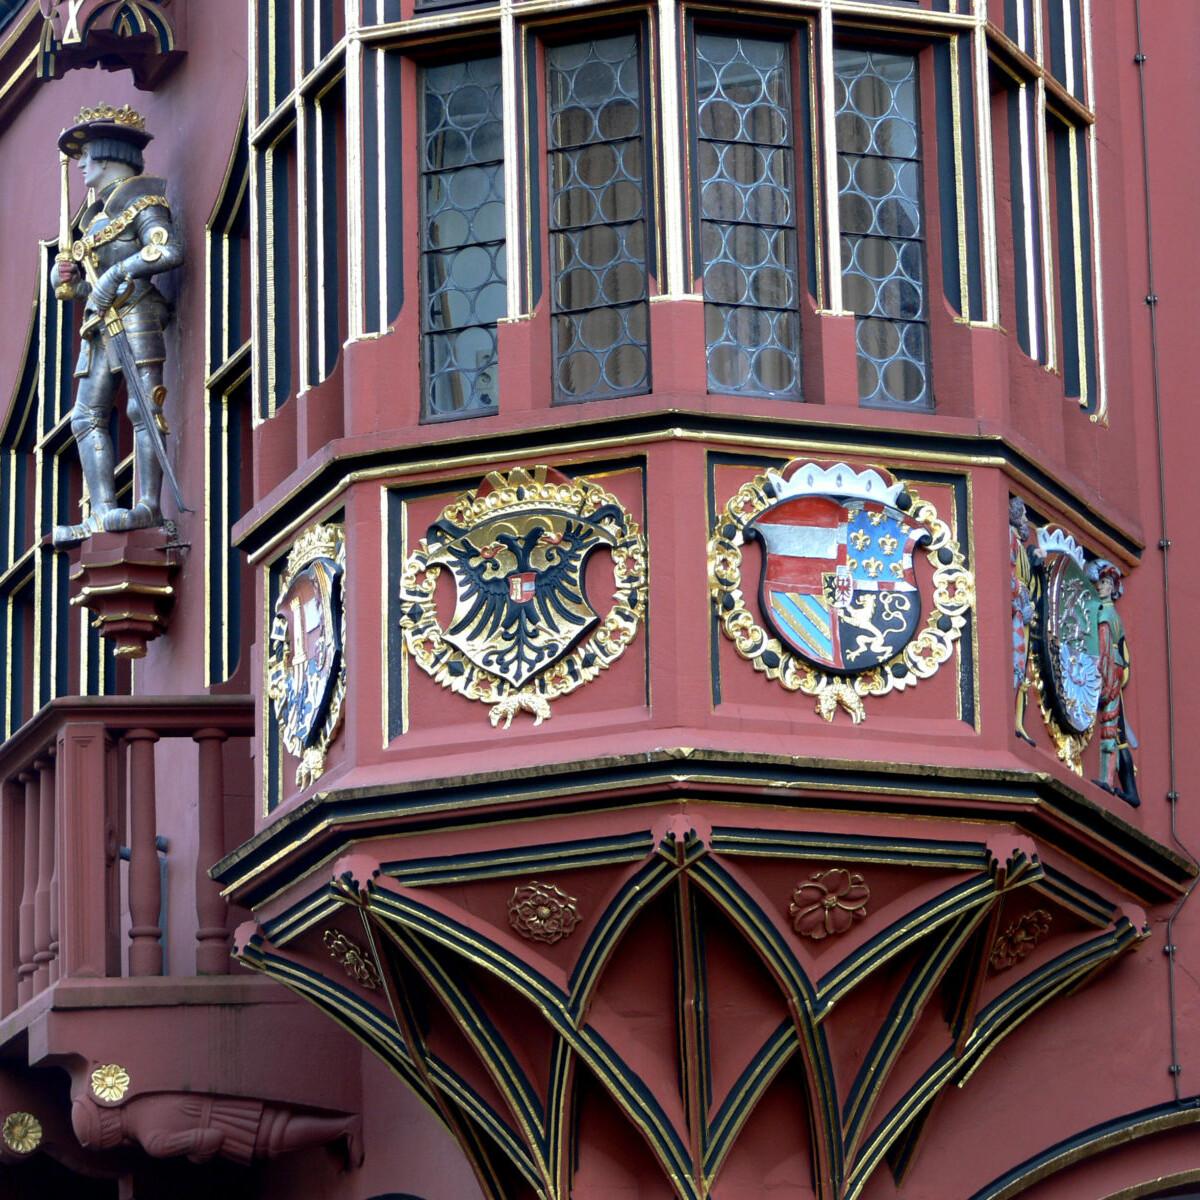 Erker an einem Haus in Freiburg im Breisgau Foto_Andreas Praefcke_freiburg_kaufhaus_erker